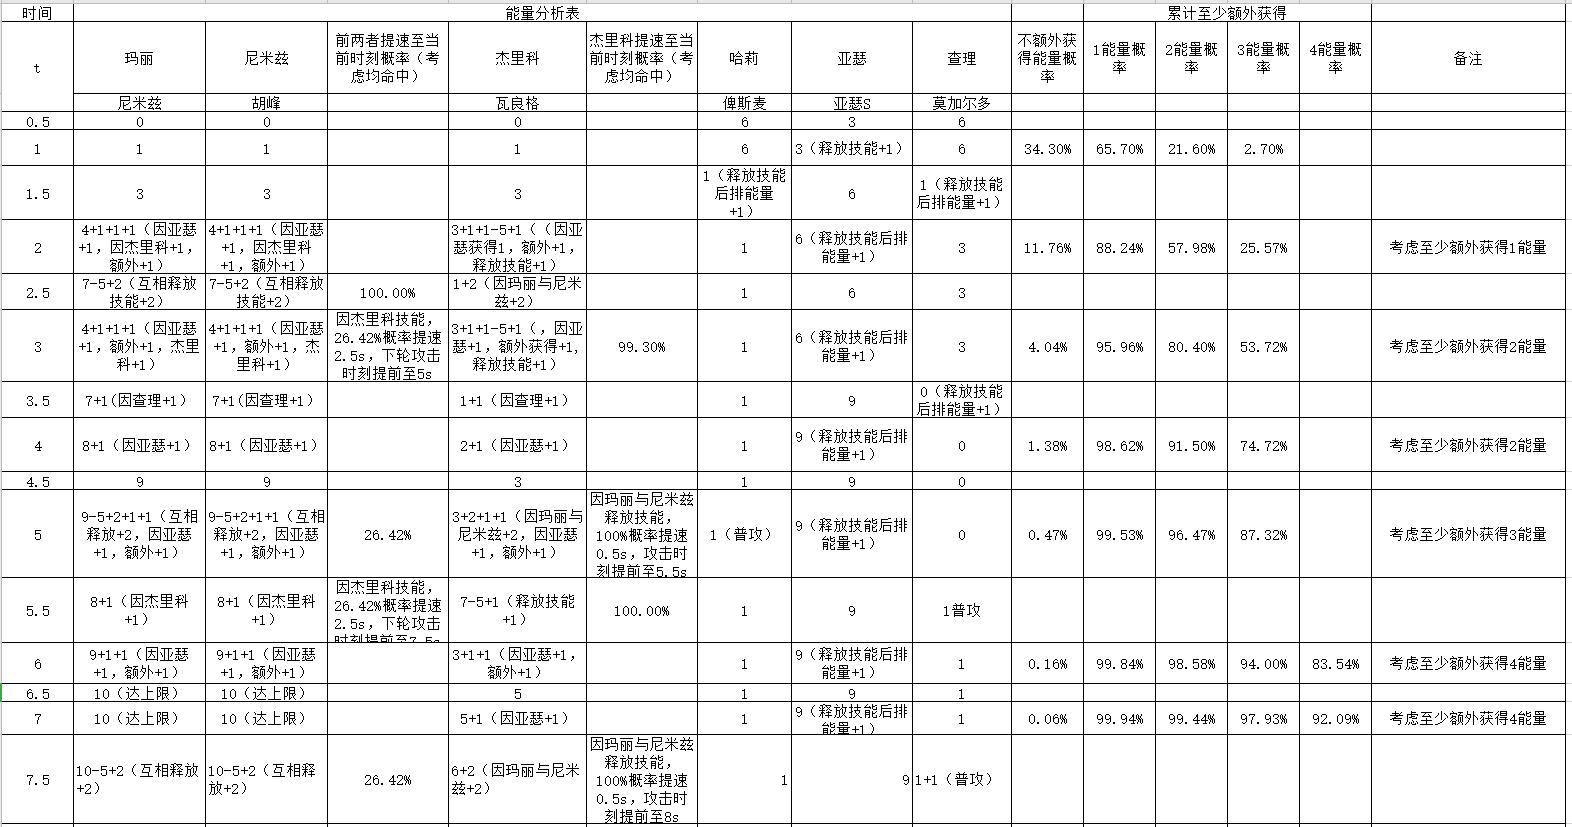 分析表2.png